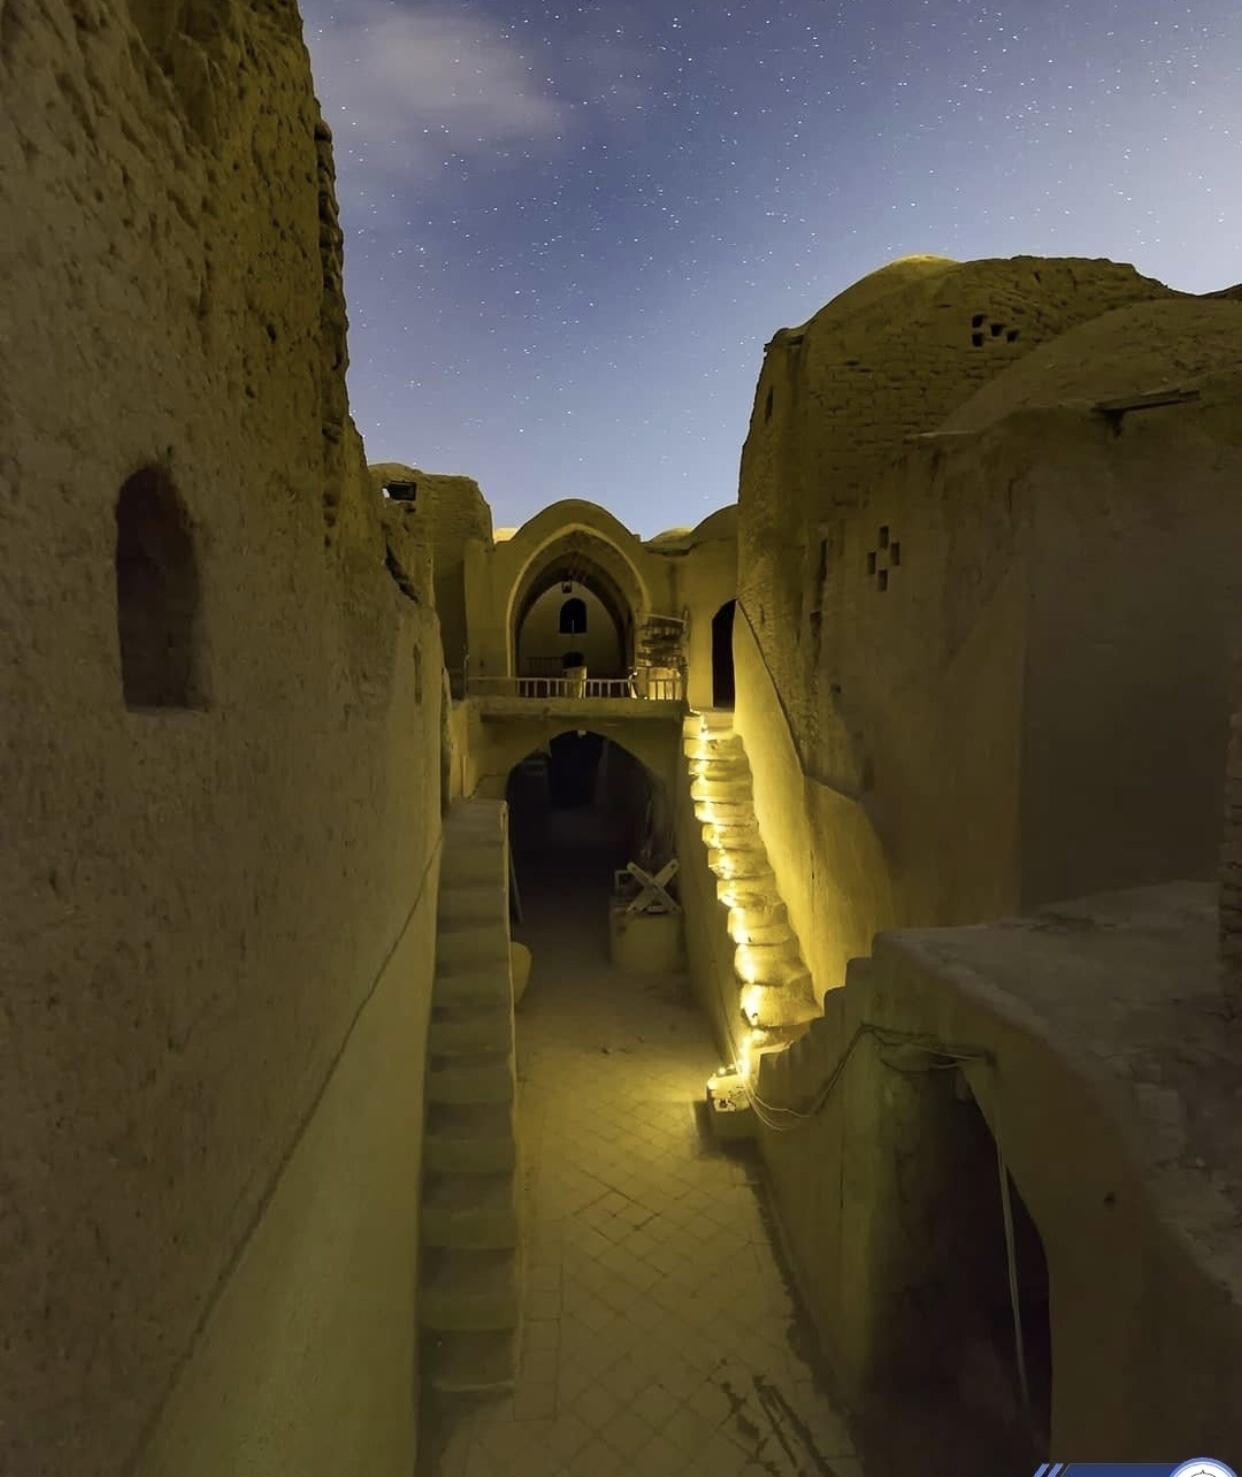 عدسة إيرانية: البيوت الأثرية في مدينة يزد 3